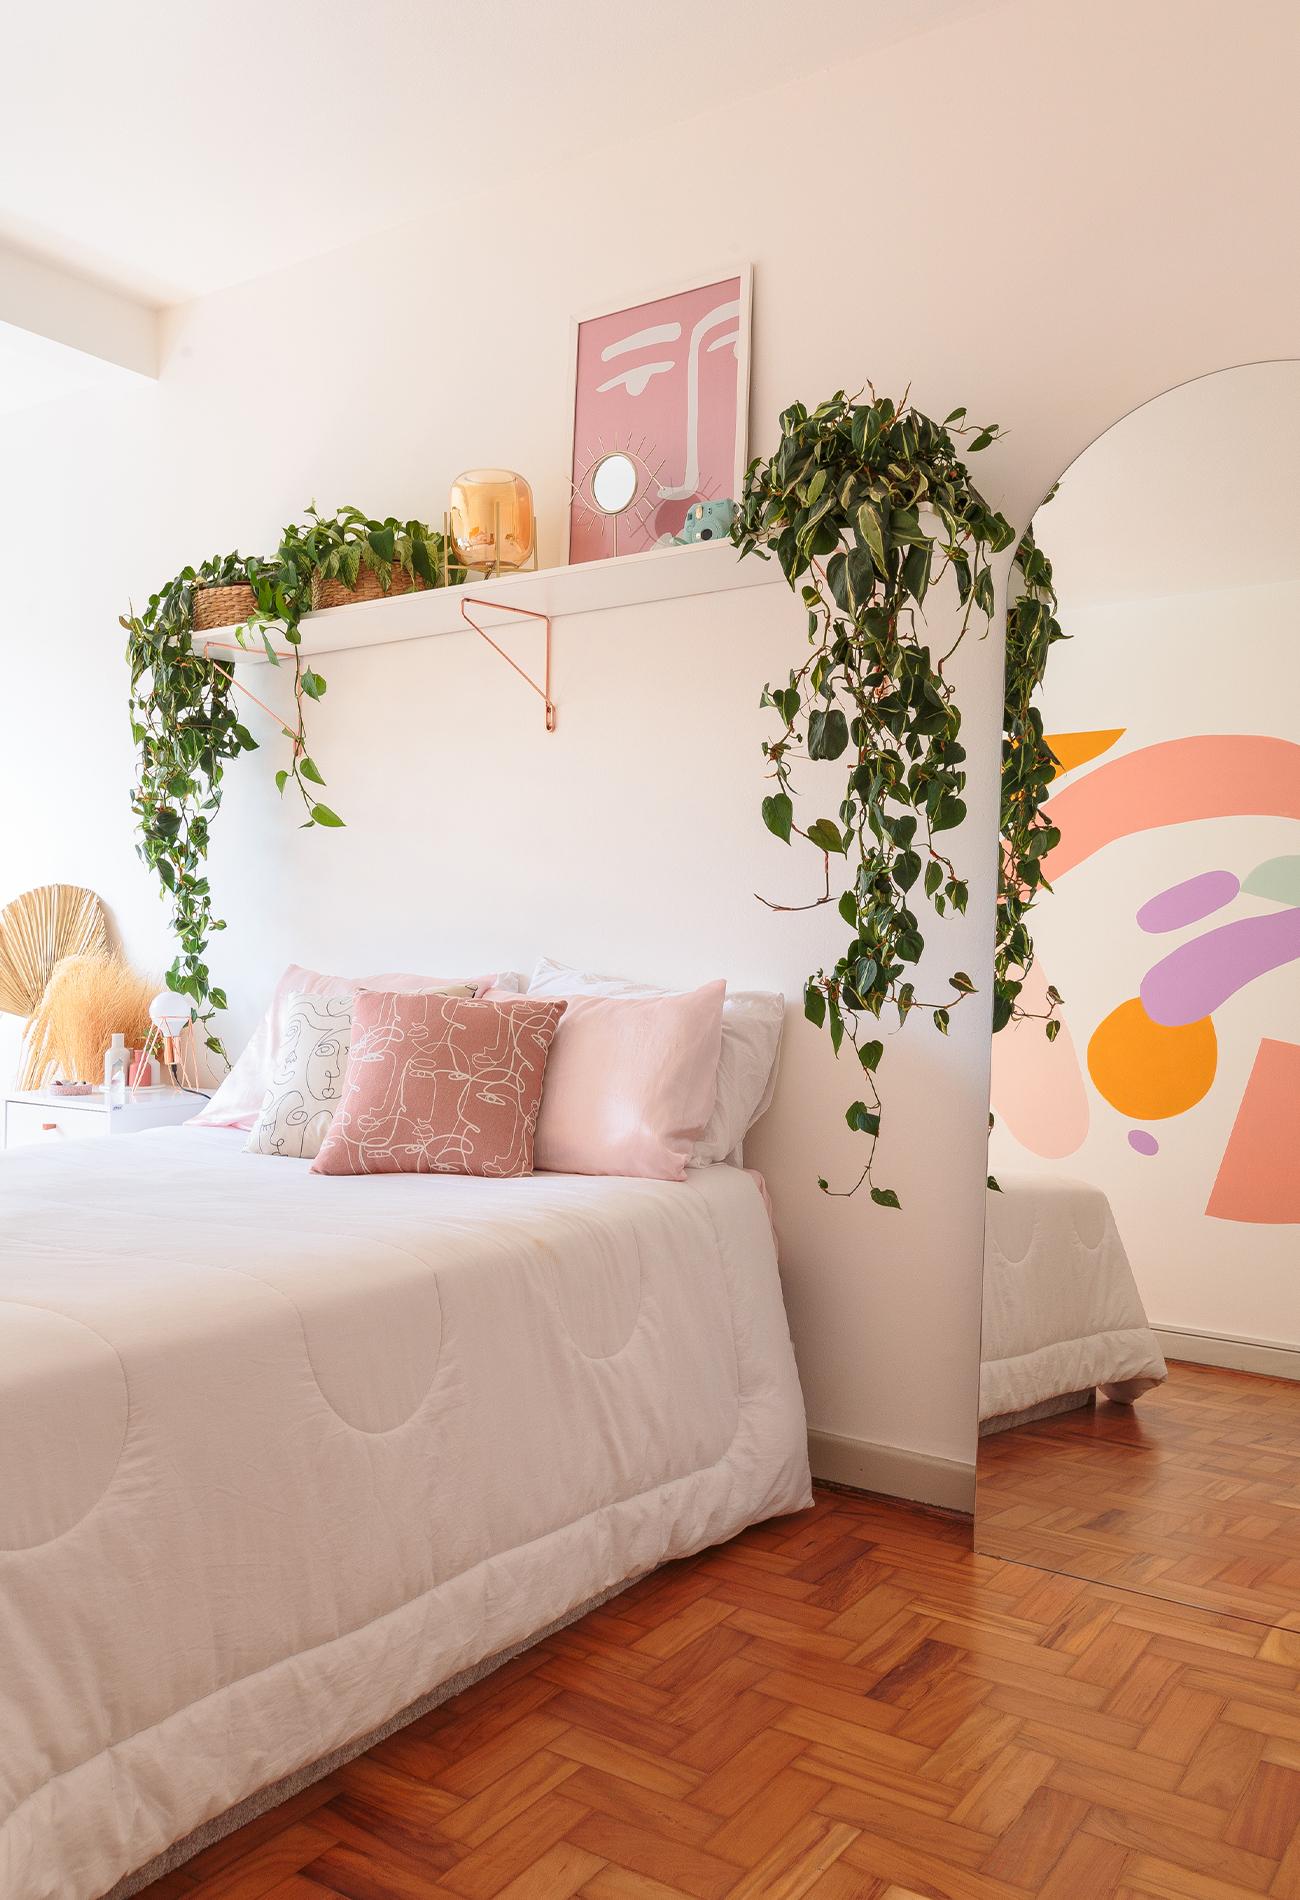 decoração ape alugado quarto com pintura organica na parede